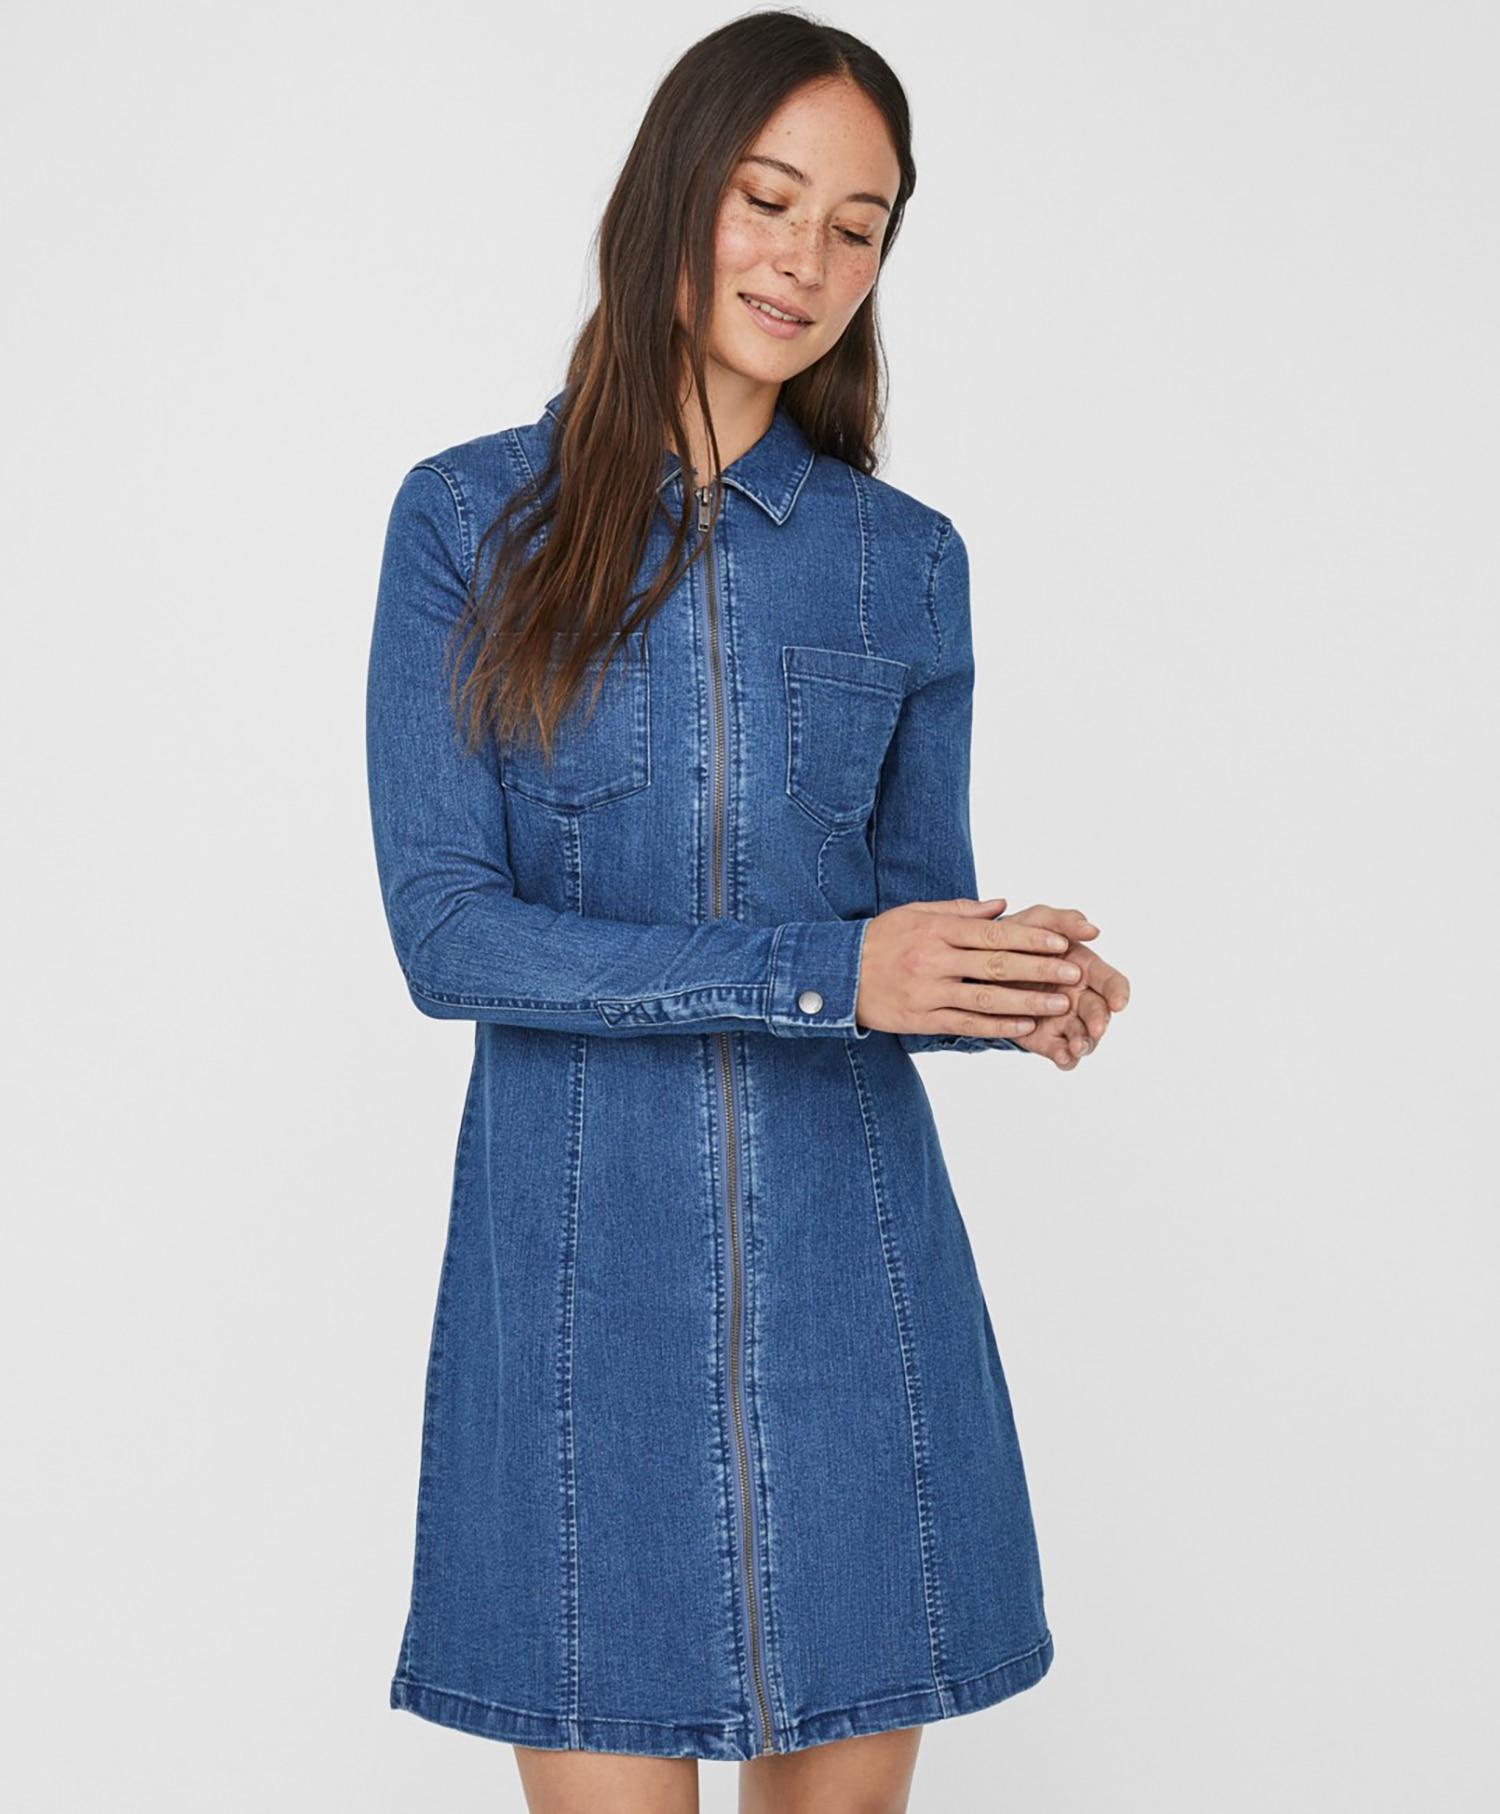 Noisy May denim dress